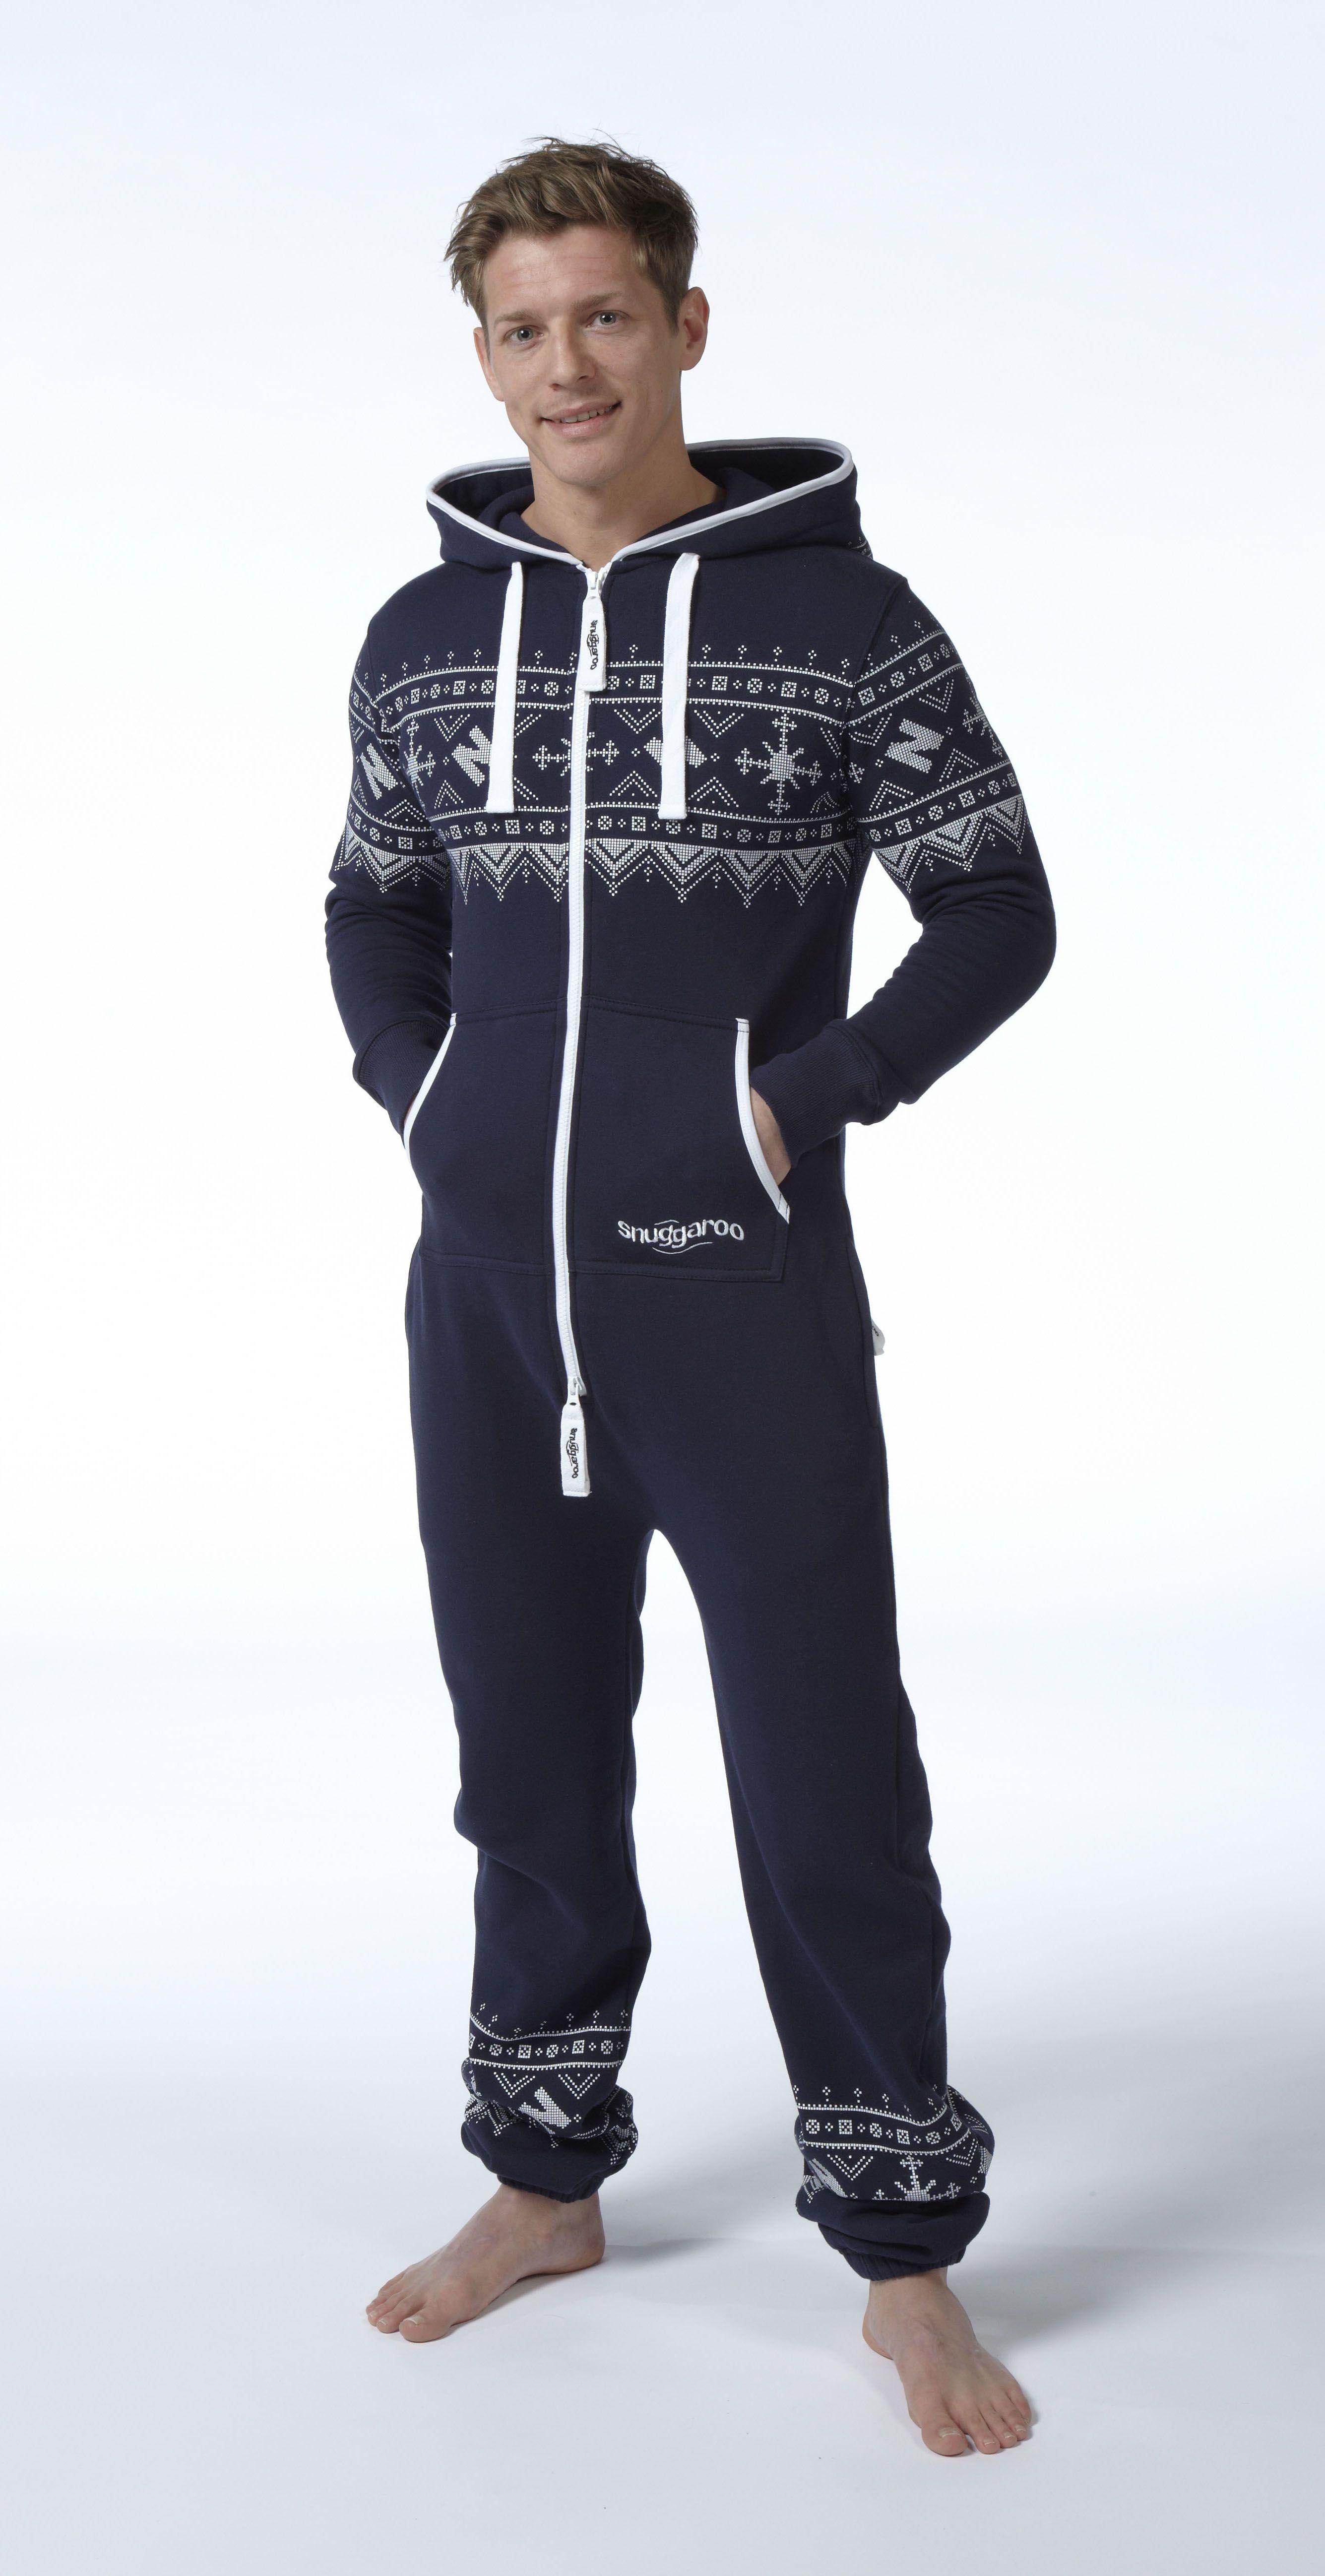 Snuggaroo Men S Navy Blue Nordic Onesie Onepiece One Piece Jumpsuit [ 5192 x 2671 Pixel ]